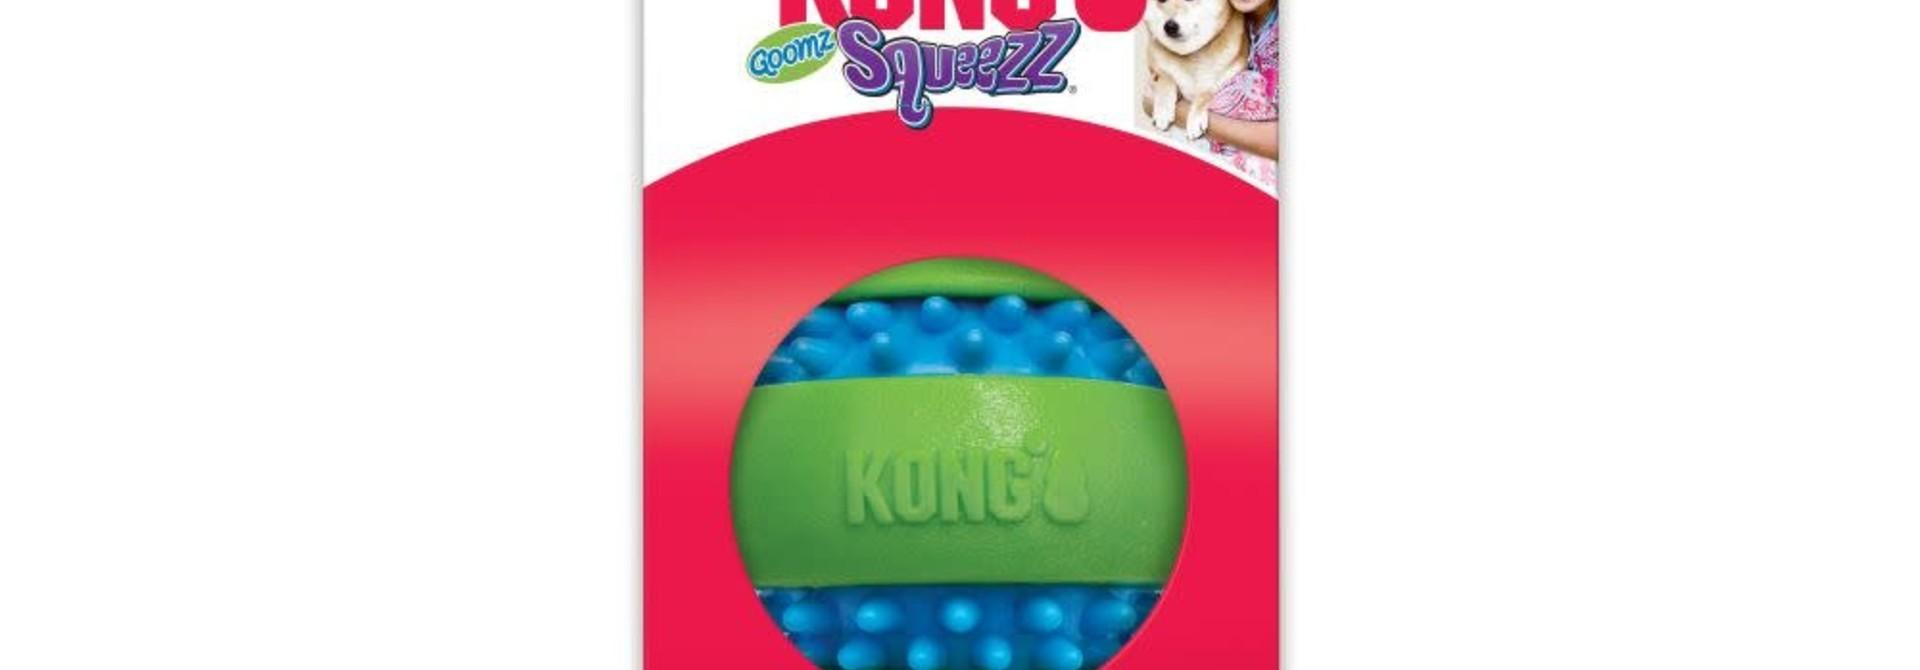 Goomz Squeezz Ball - Medium - Squeak